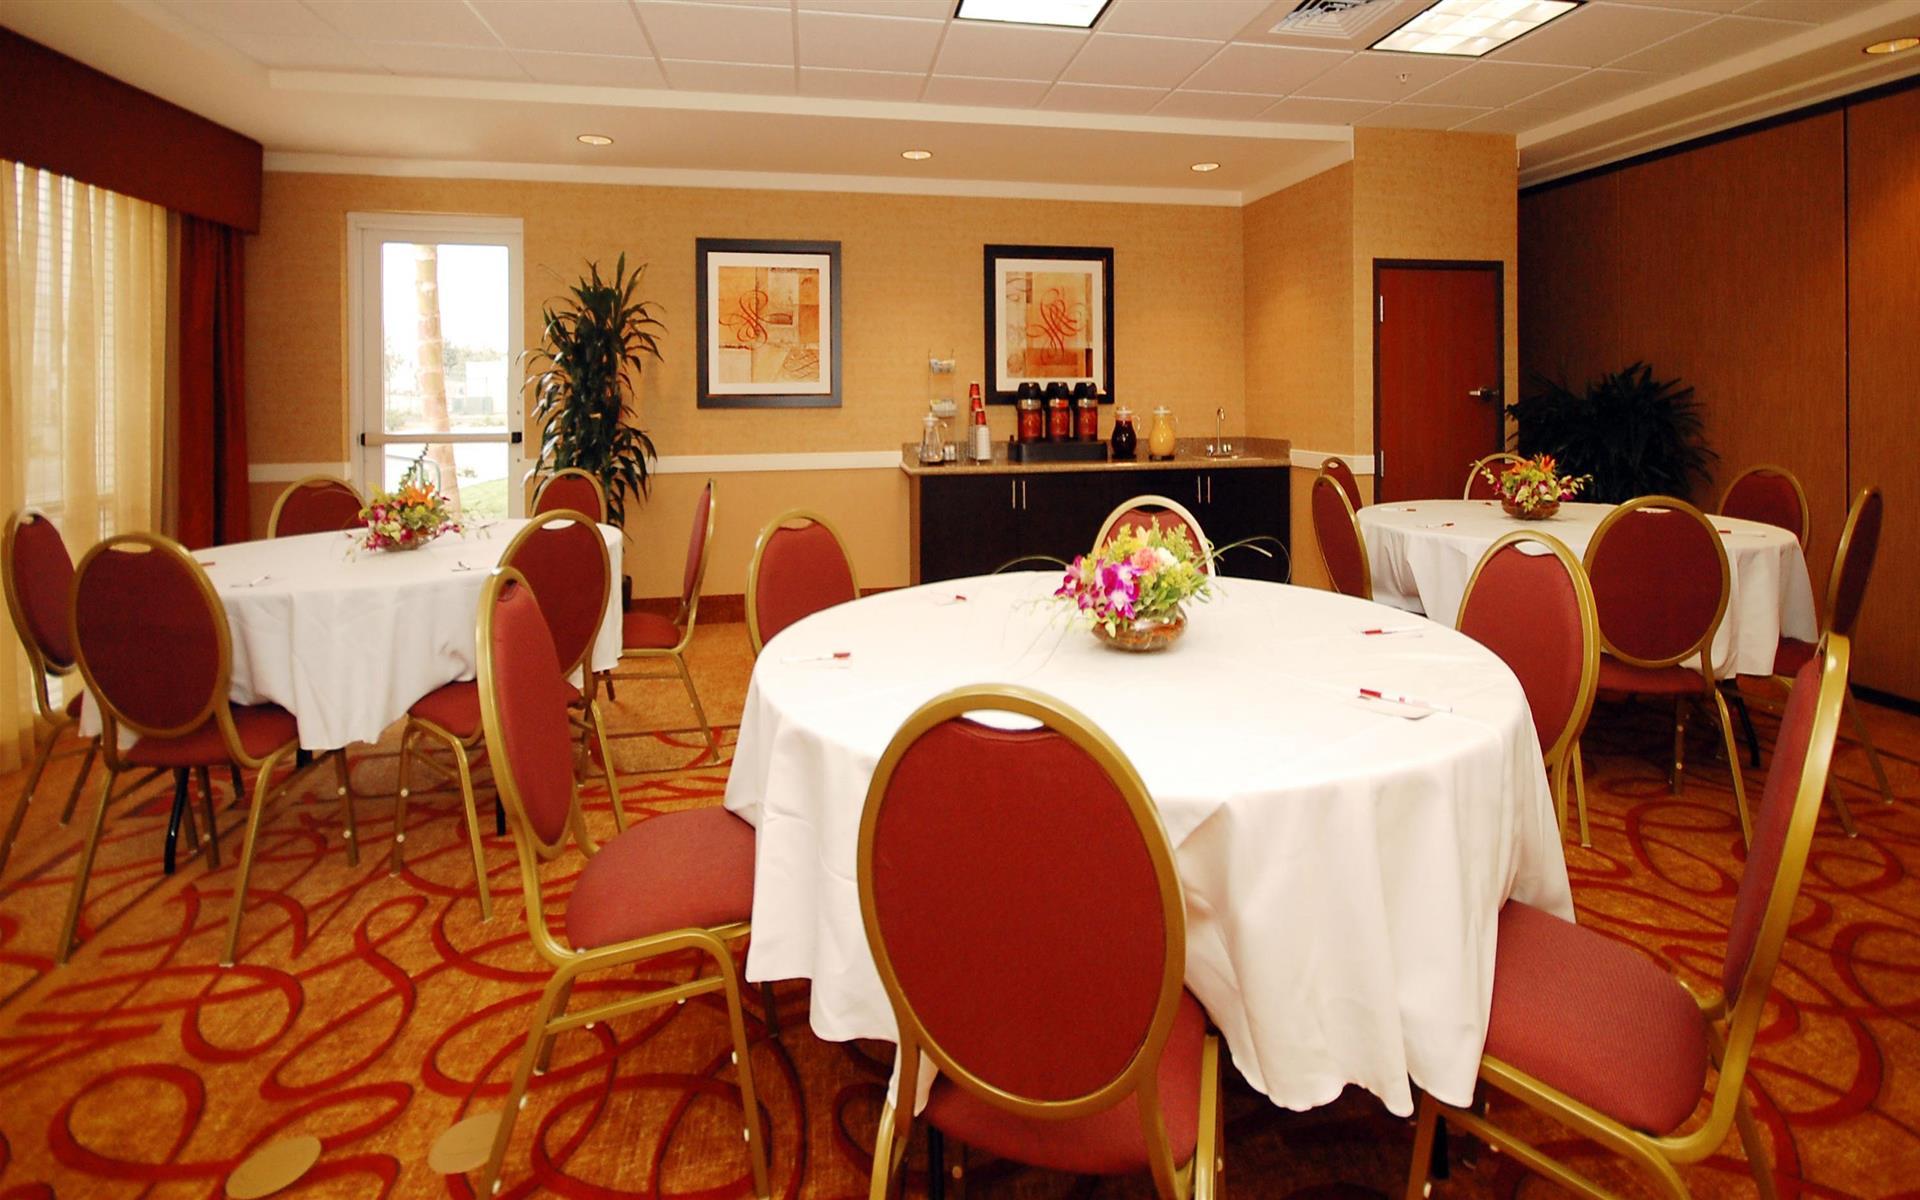 Comfort Suites Ontario Convention Center Hotel - Merlot Room